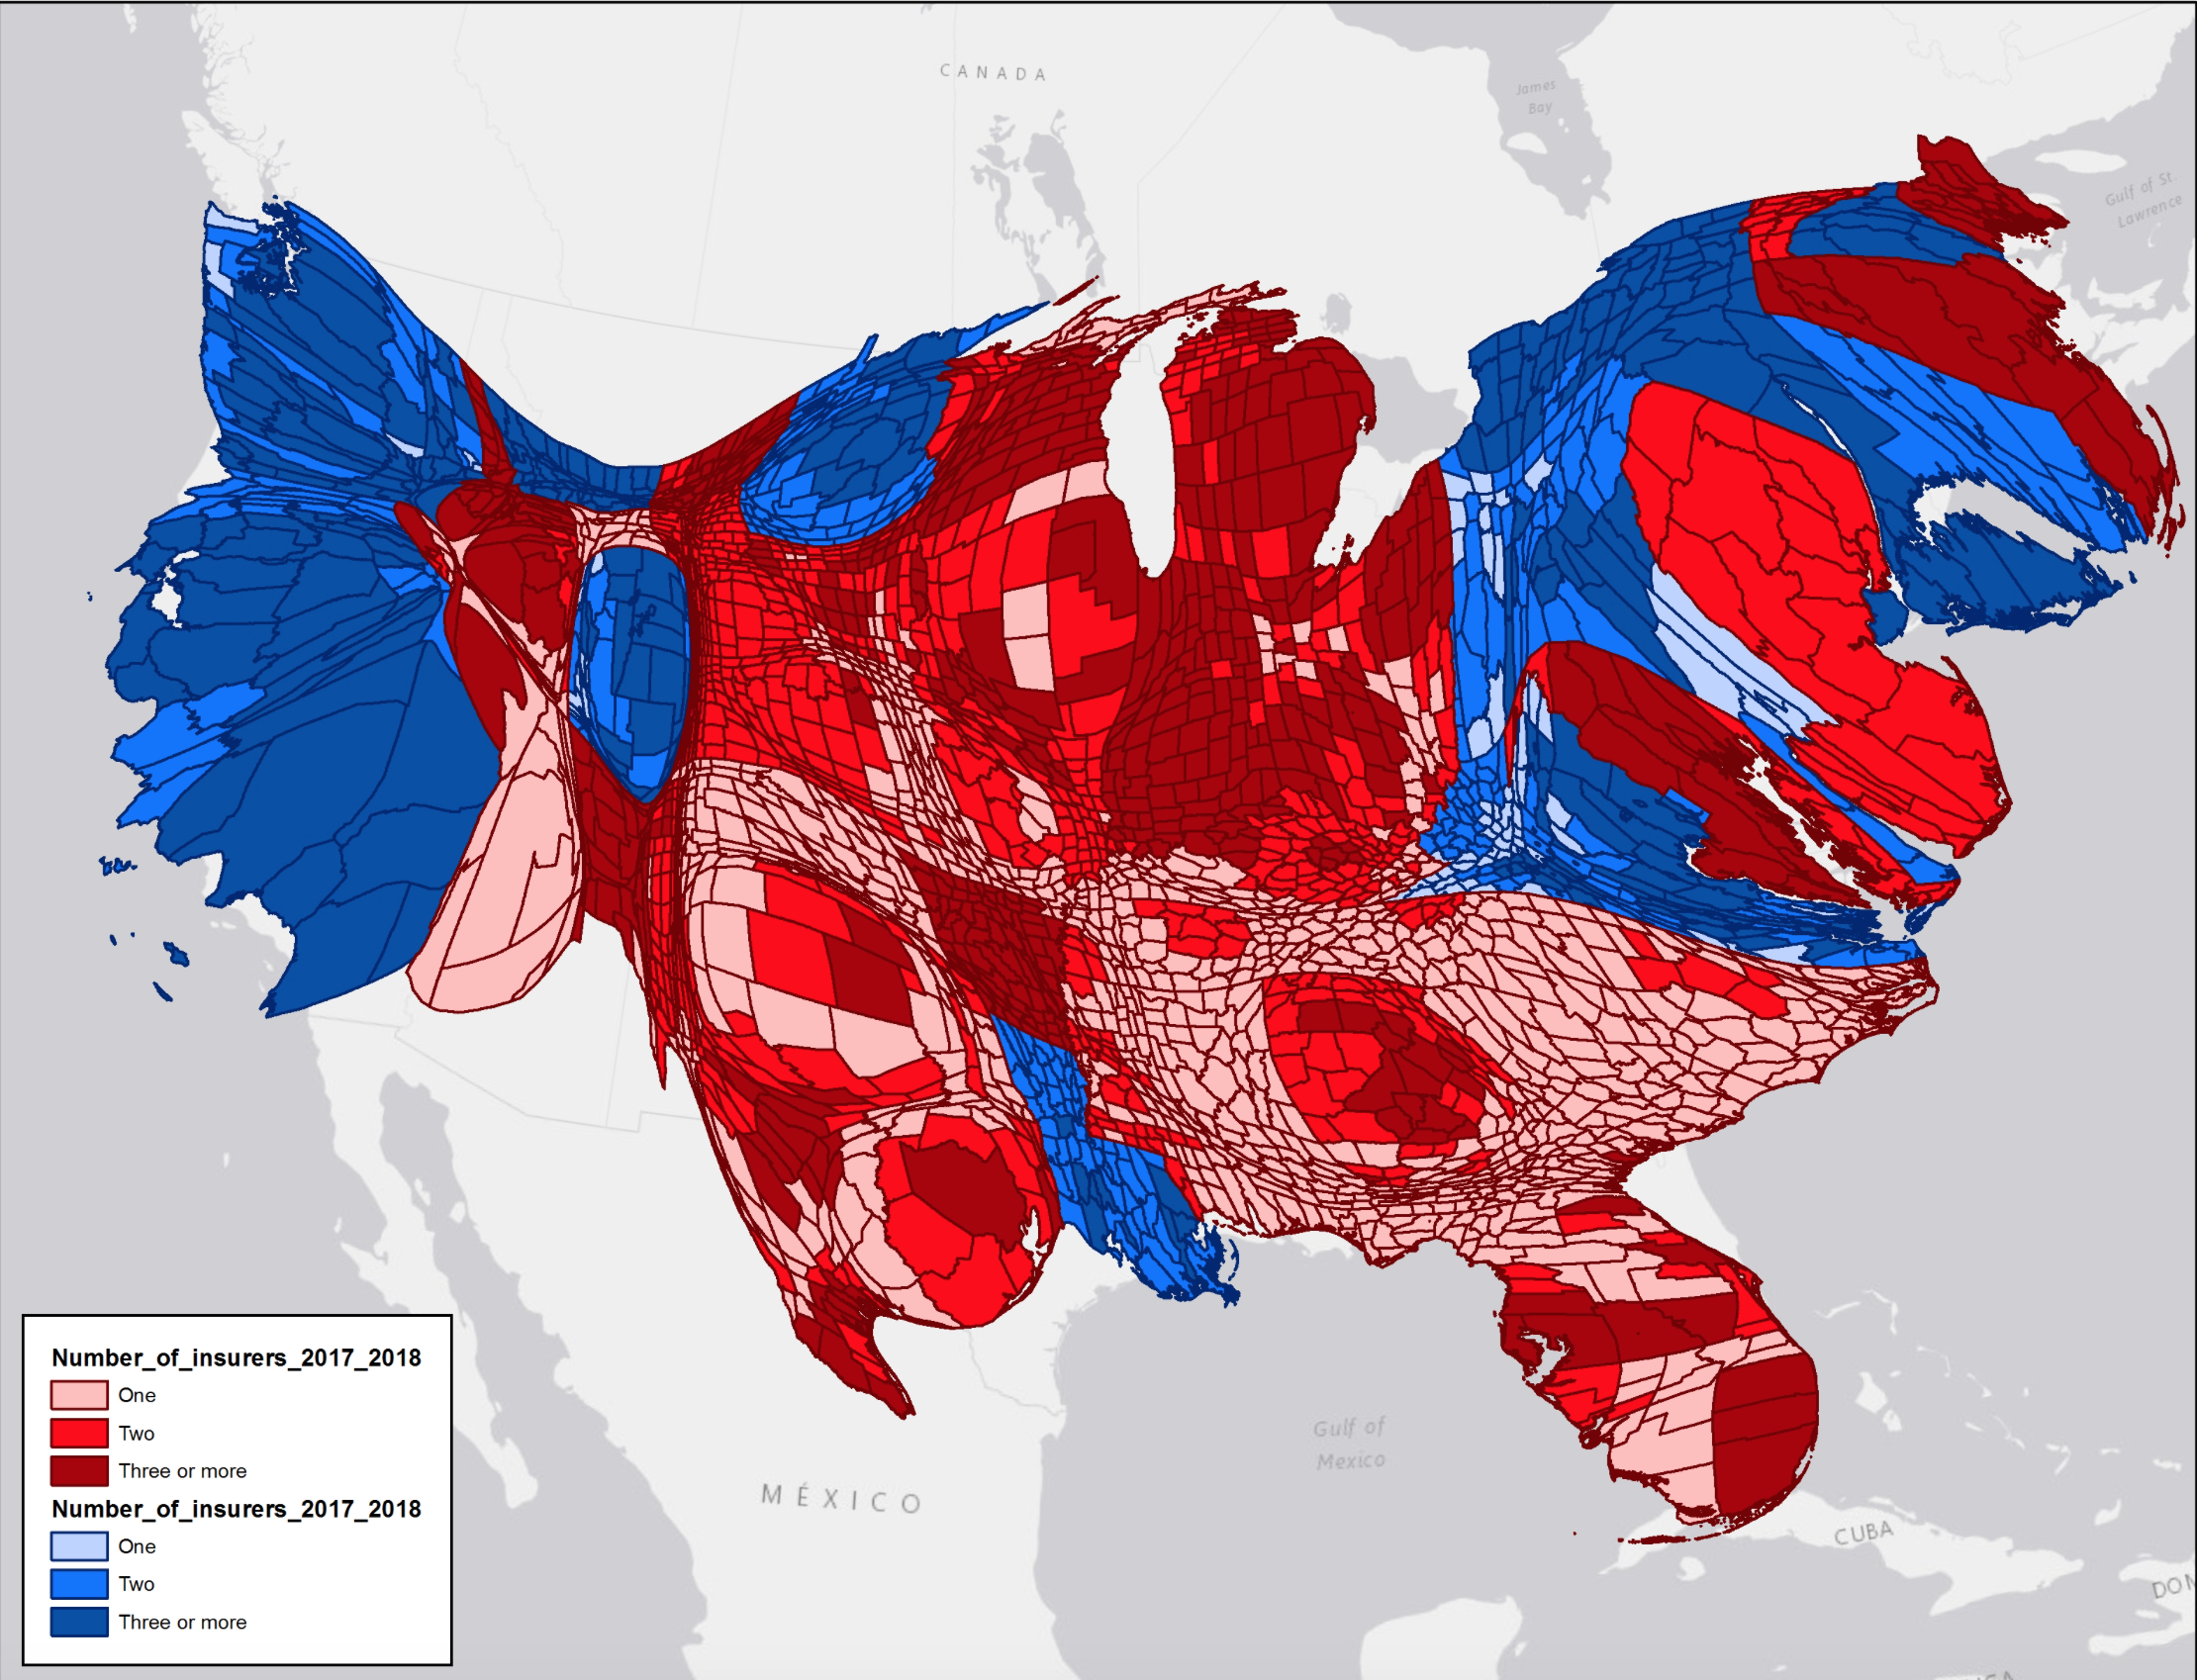 Warped Map on Insurers Red v Blue Goves